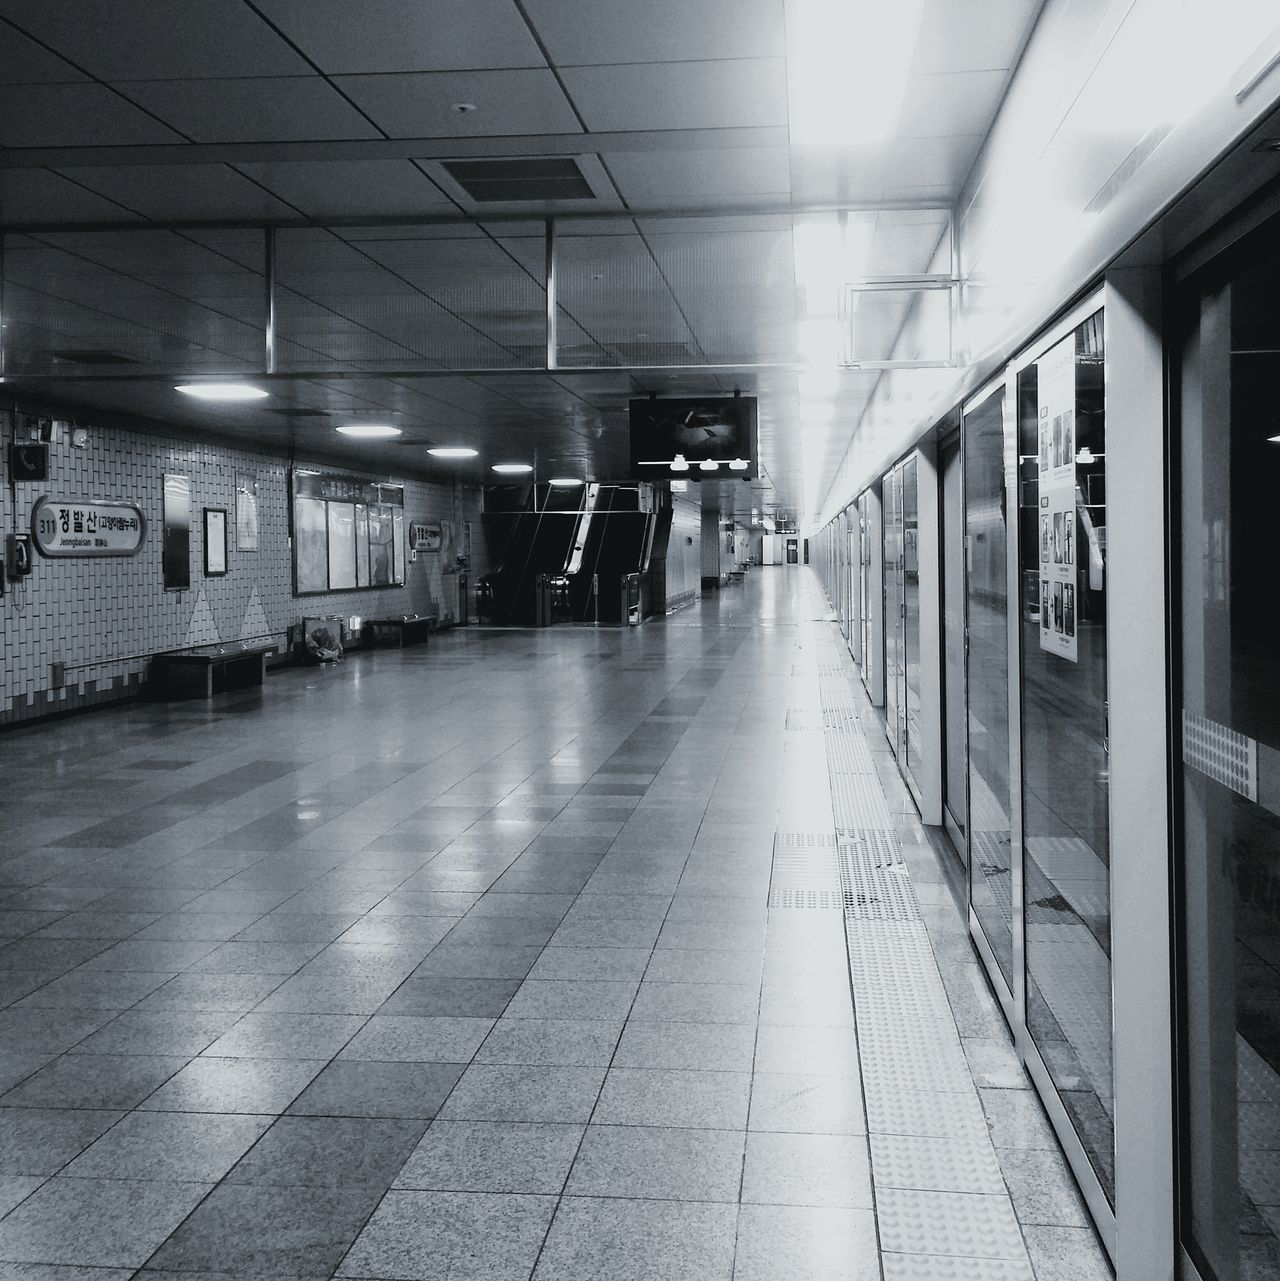 나 혼자 지하철을 기다라네.. No People Indoors  Subway Station